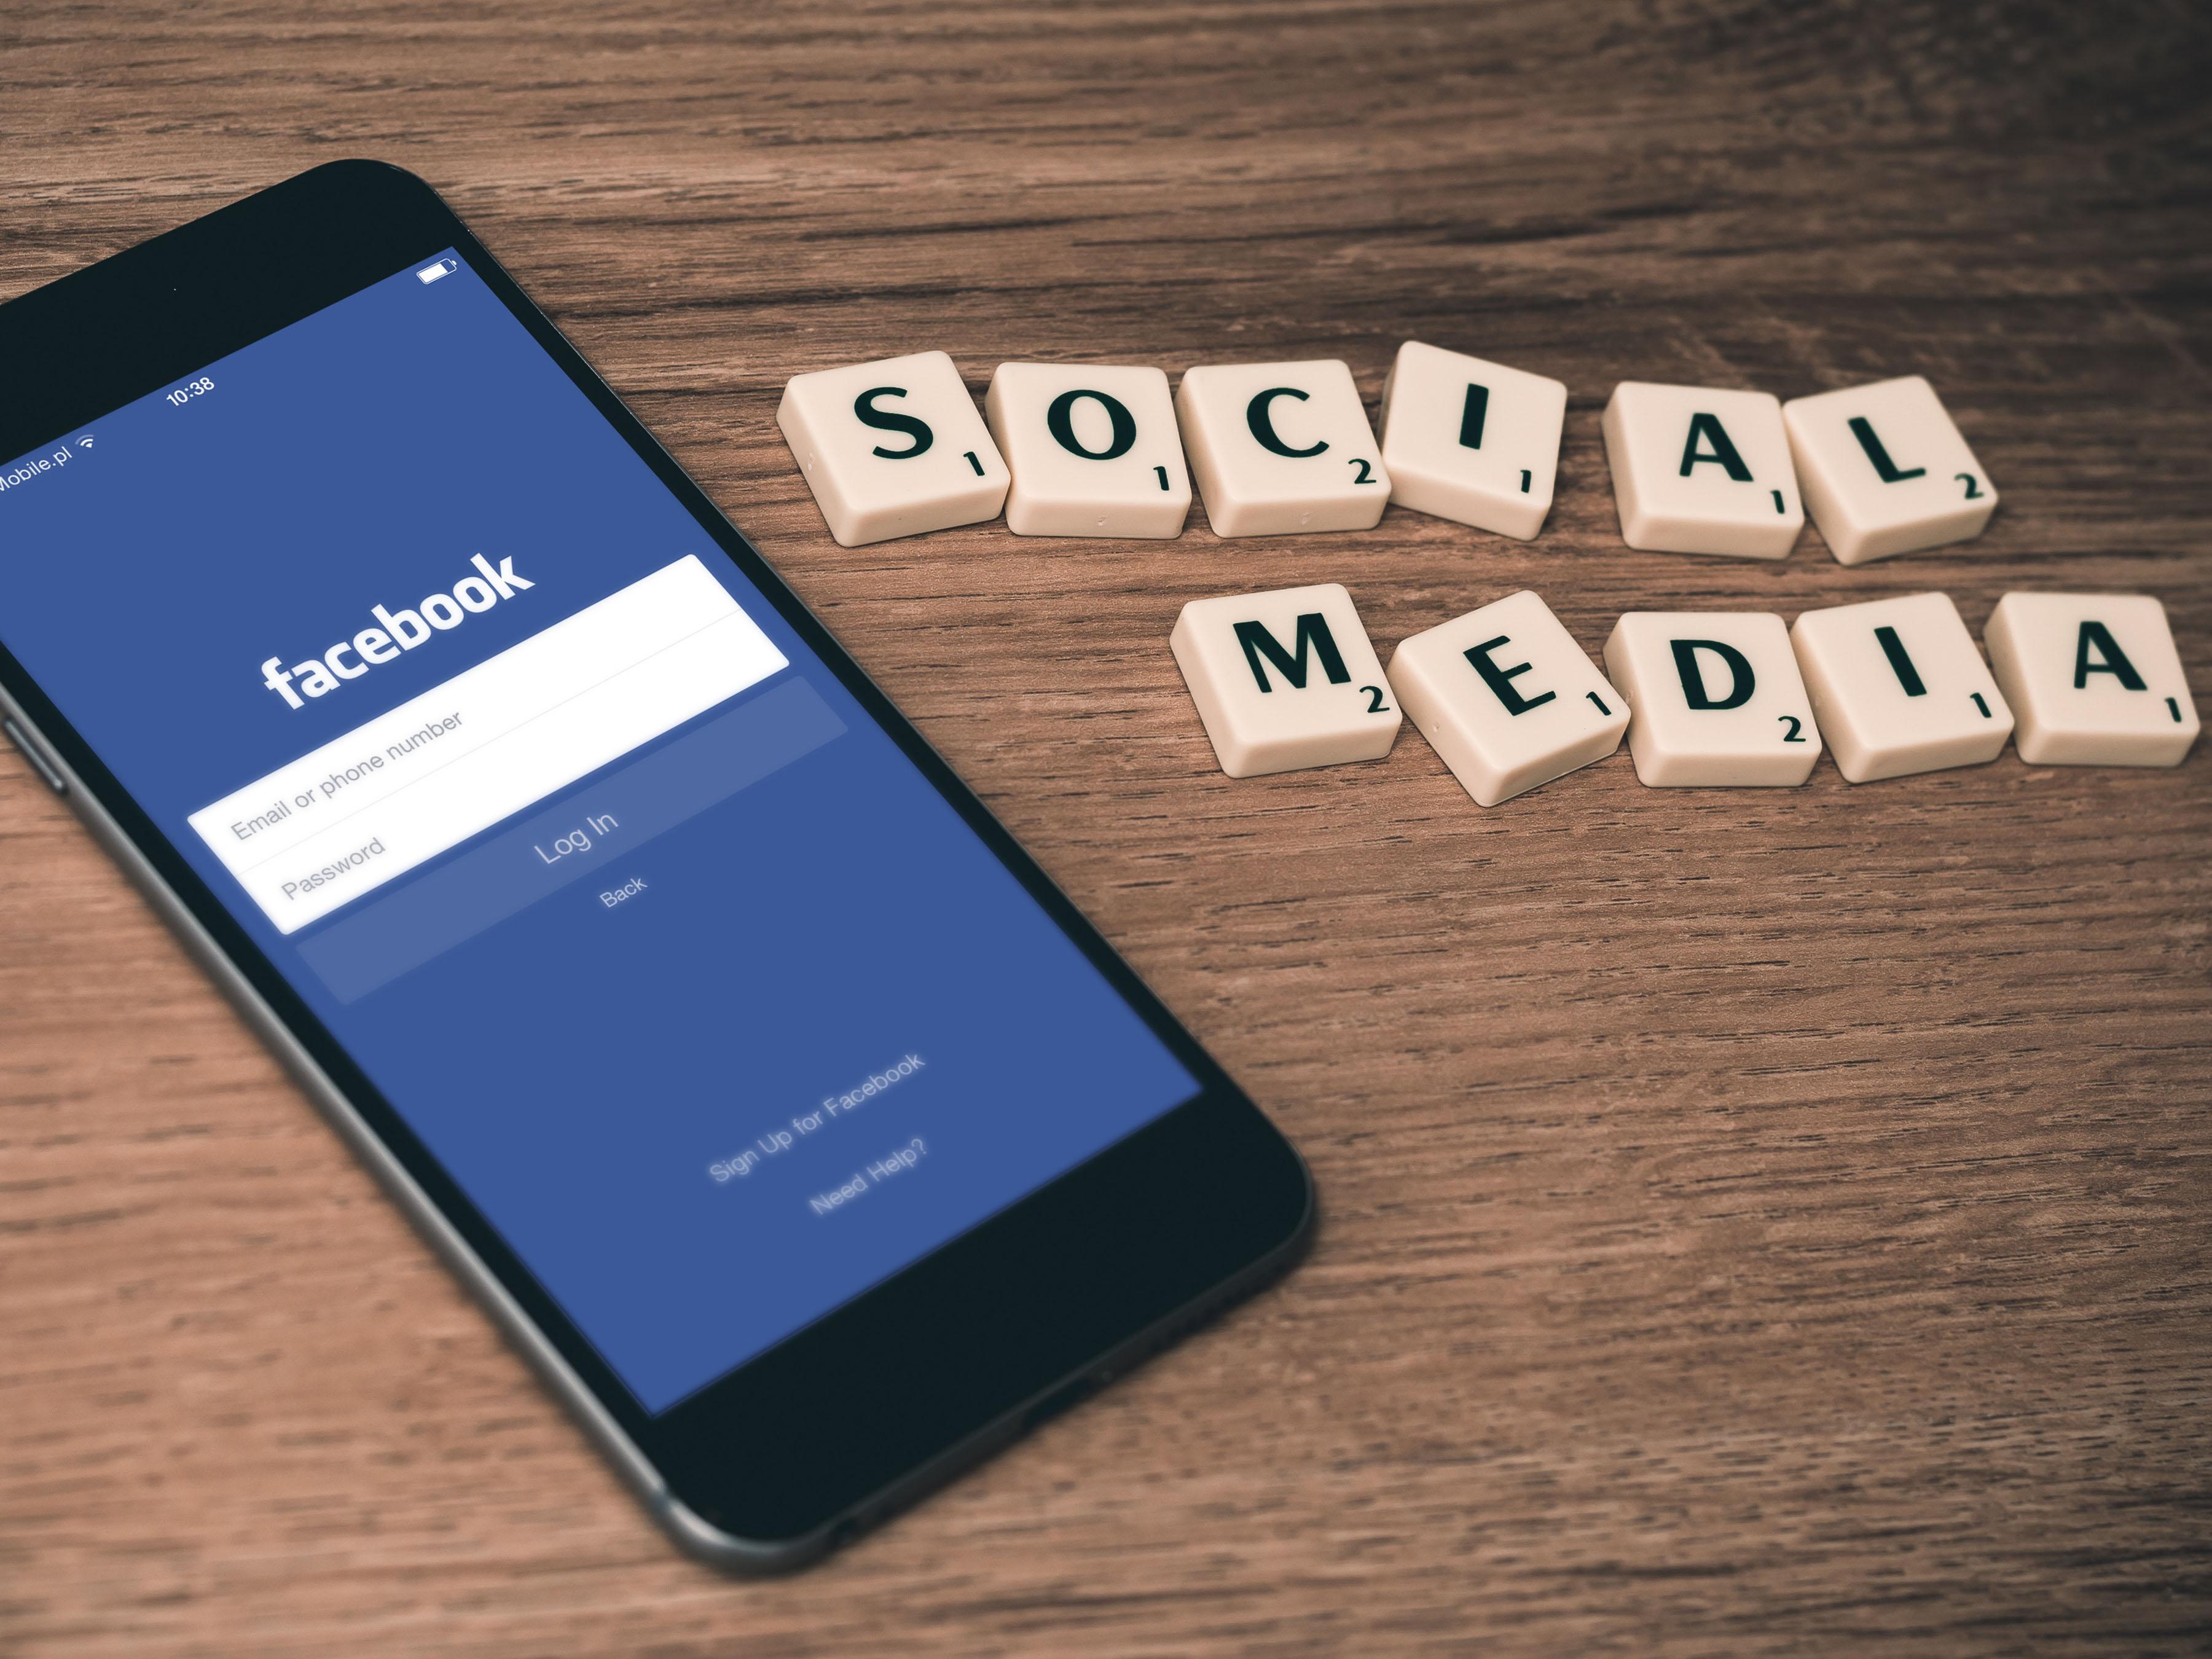 Sociale medier, Facebook